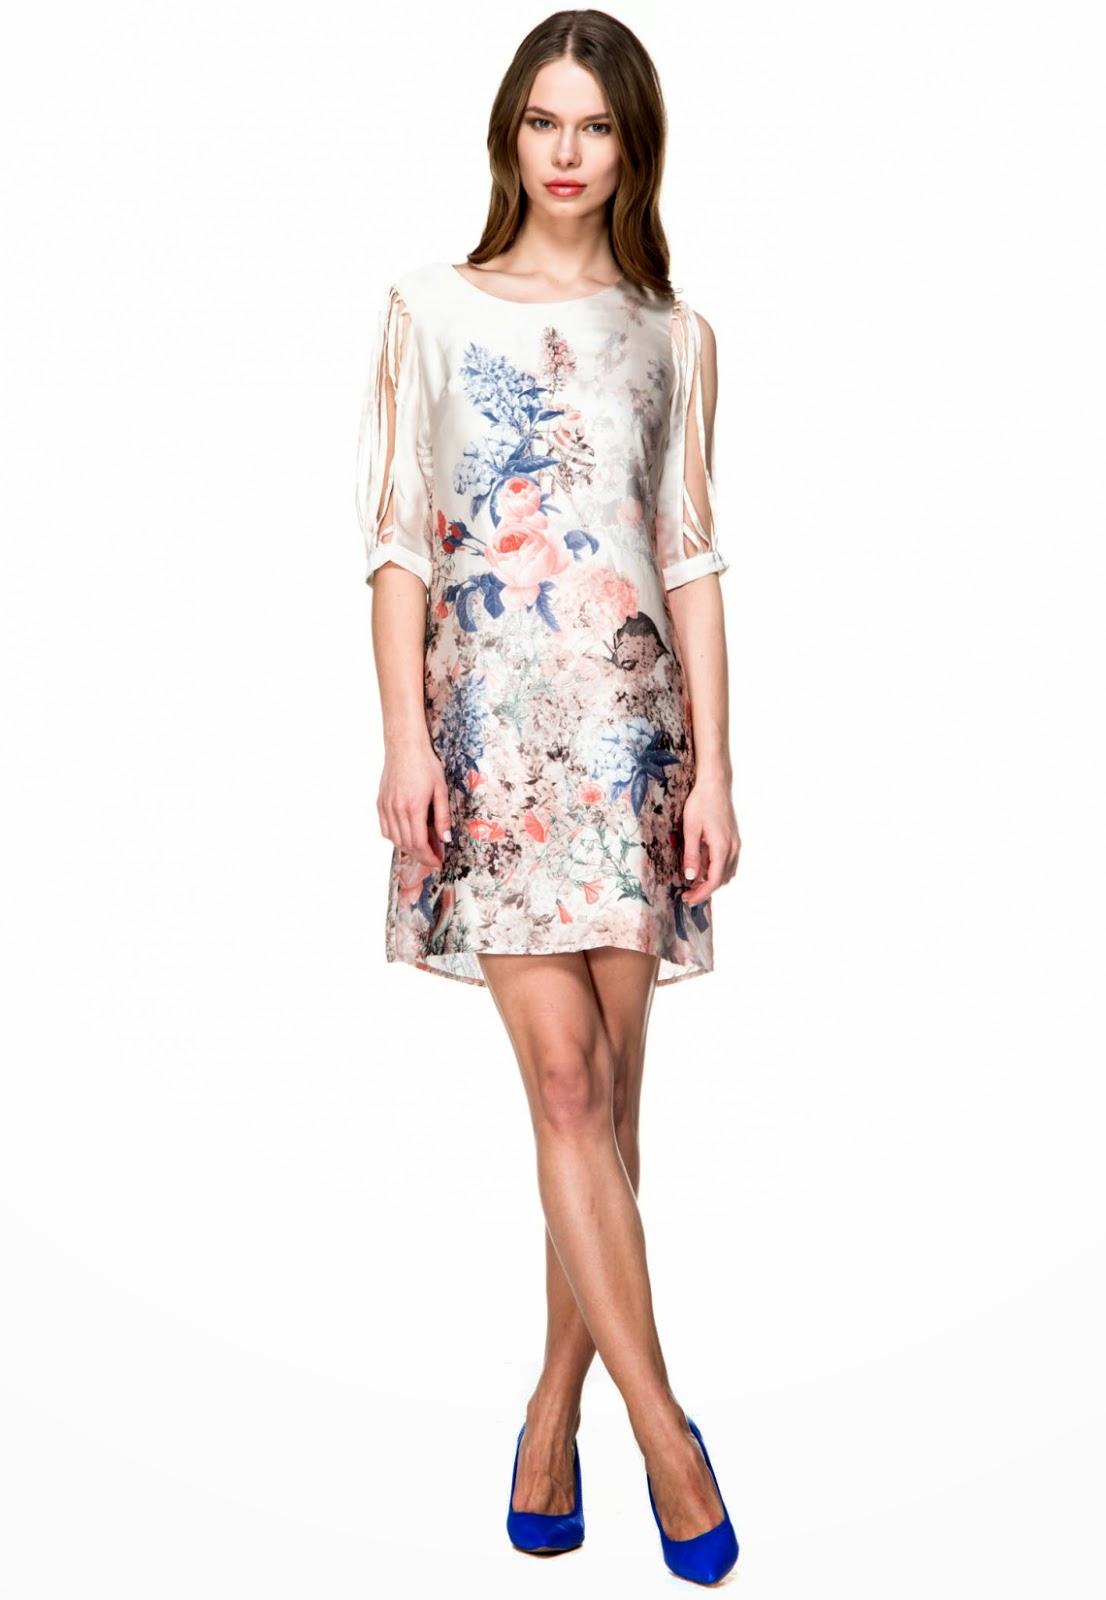 Adil Işık Yazlık Mini Abiye Elbise Modelleri 2019